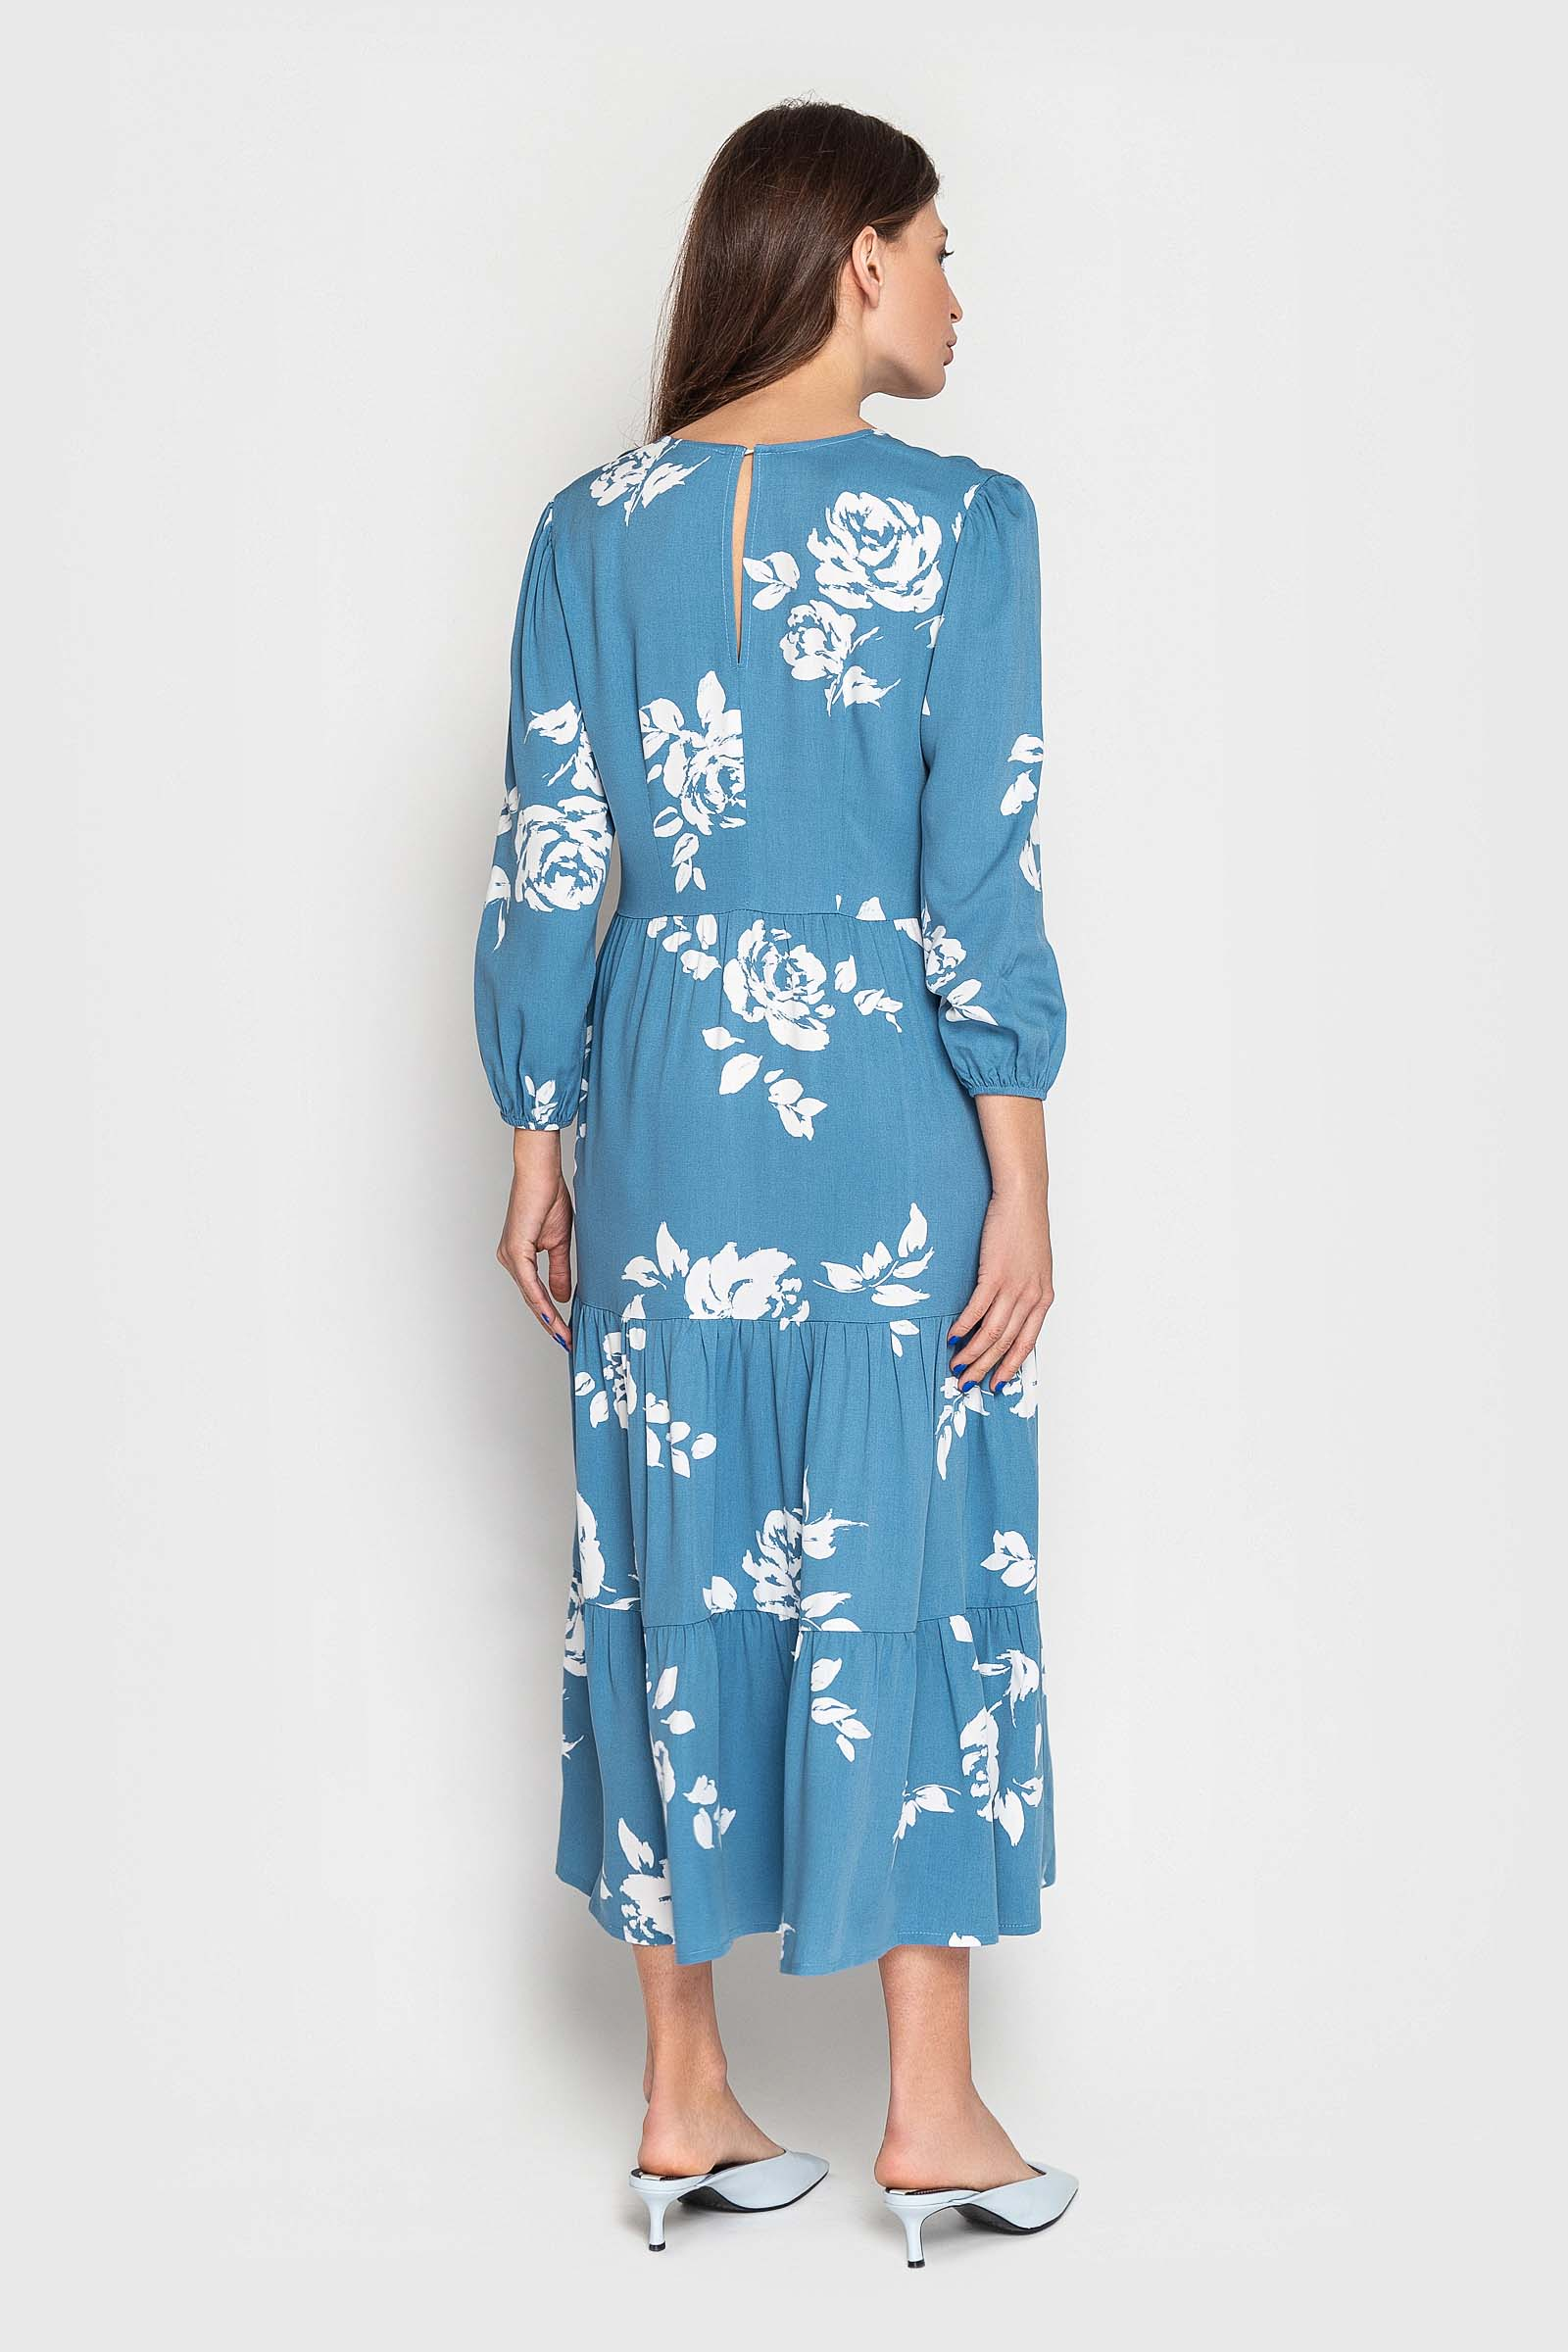 2021 04 10 poltava30325 Купить платье